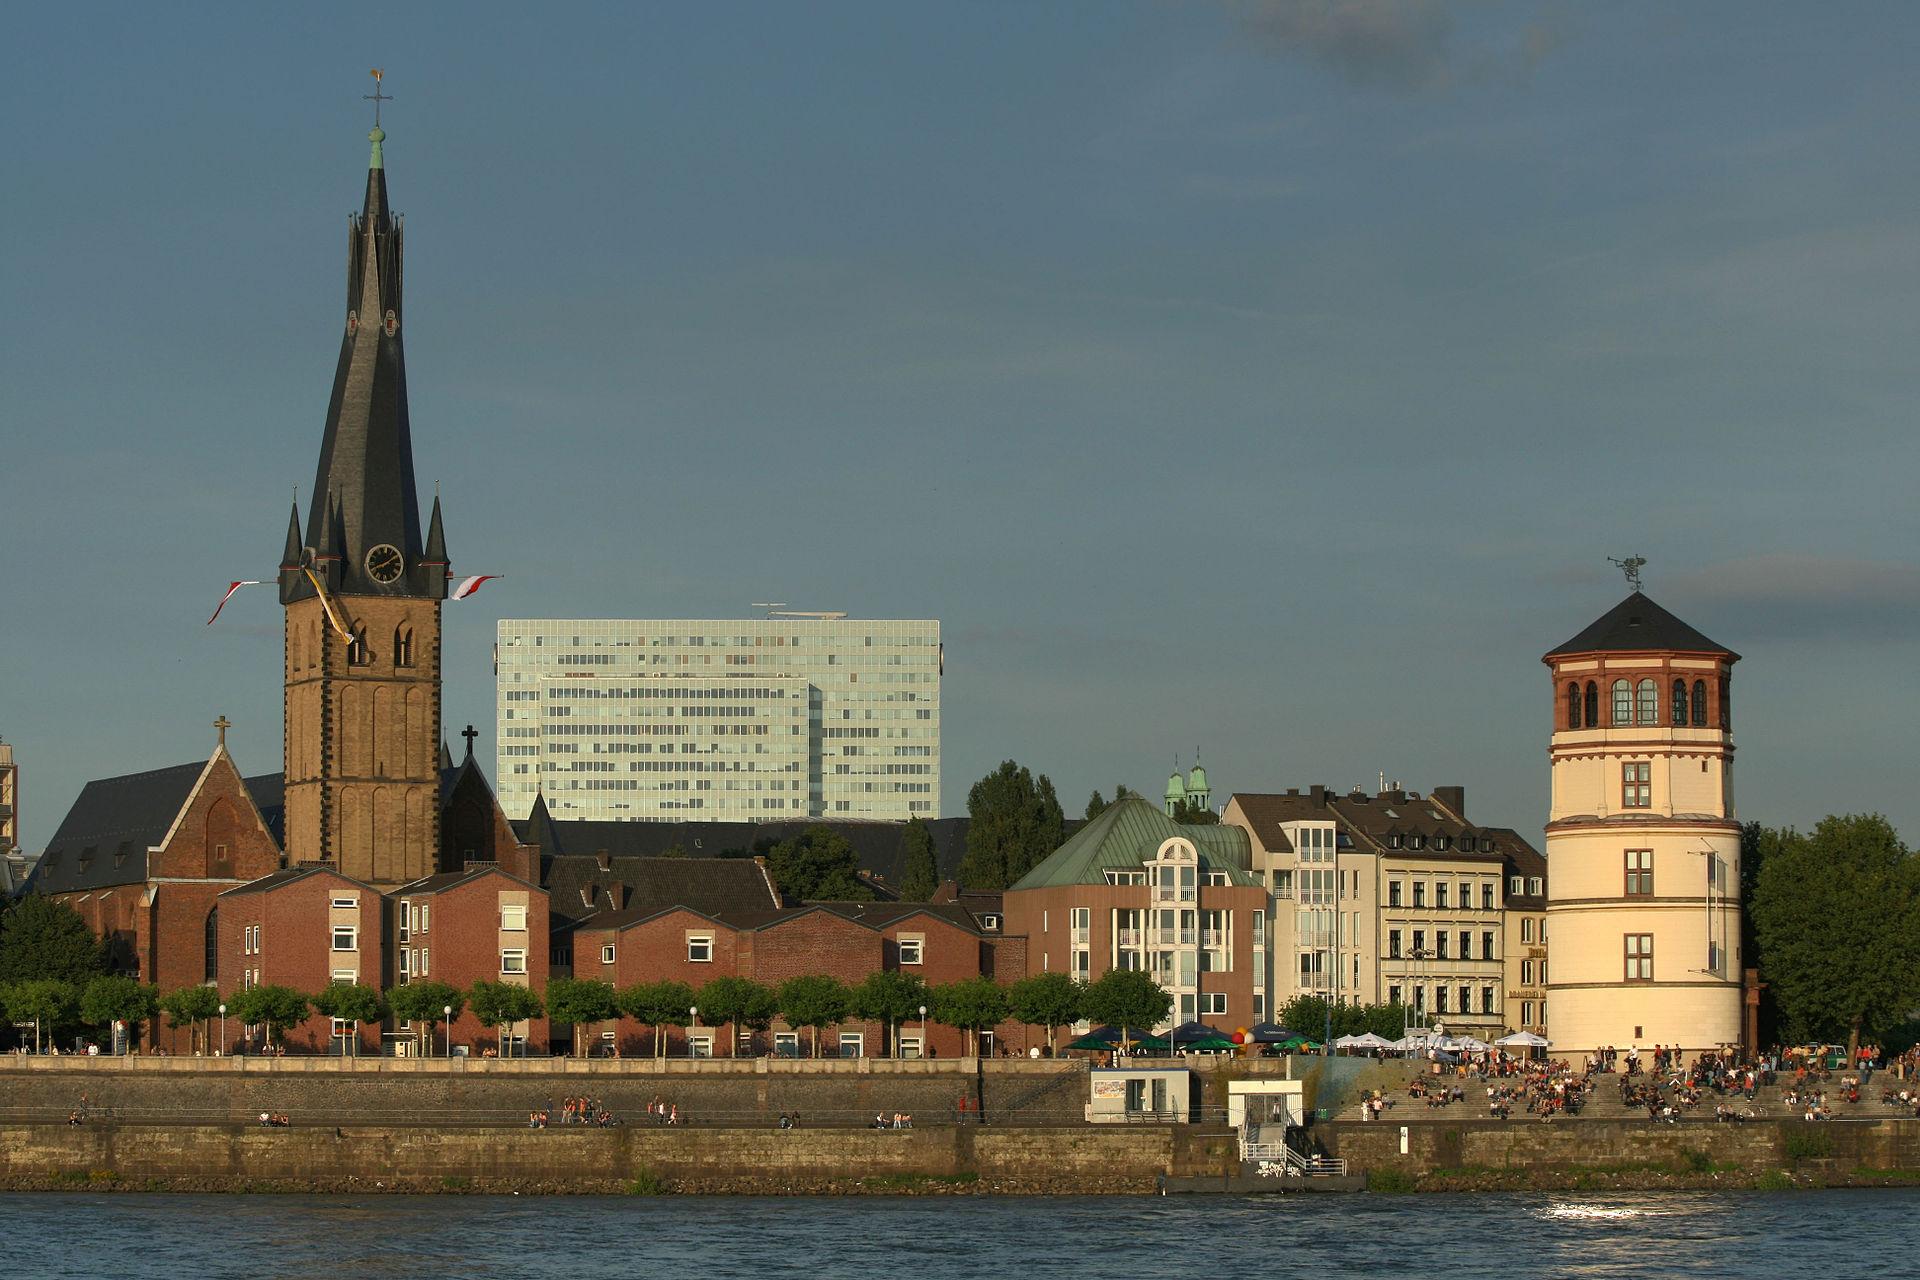 De Sint Lambertus-kerk in Düsseldorf (Foto: WikiCommons/Till Niermann)